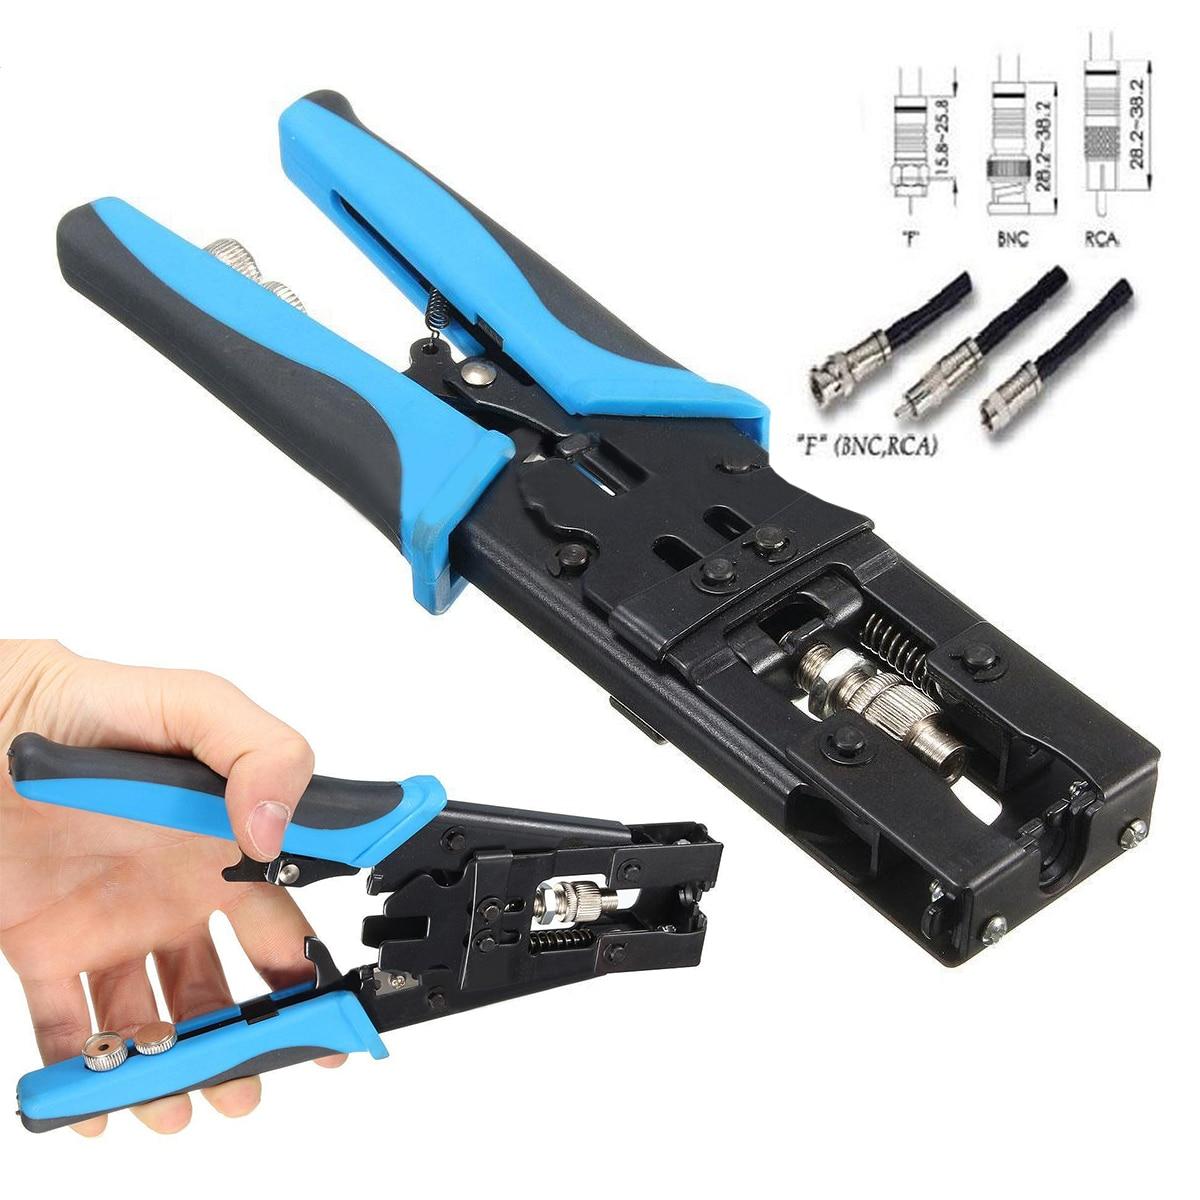 1pc Durable Coax Compression Crimper Tool Bnc Rca F Crimp